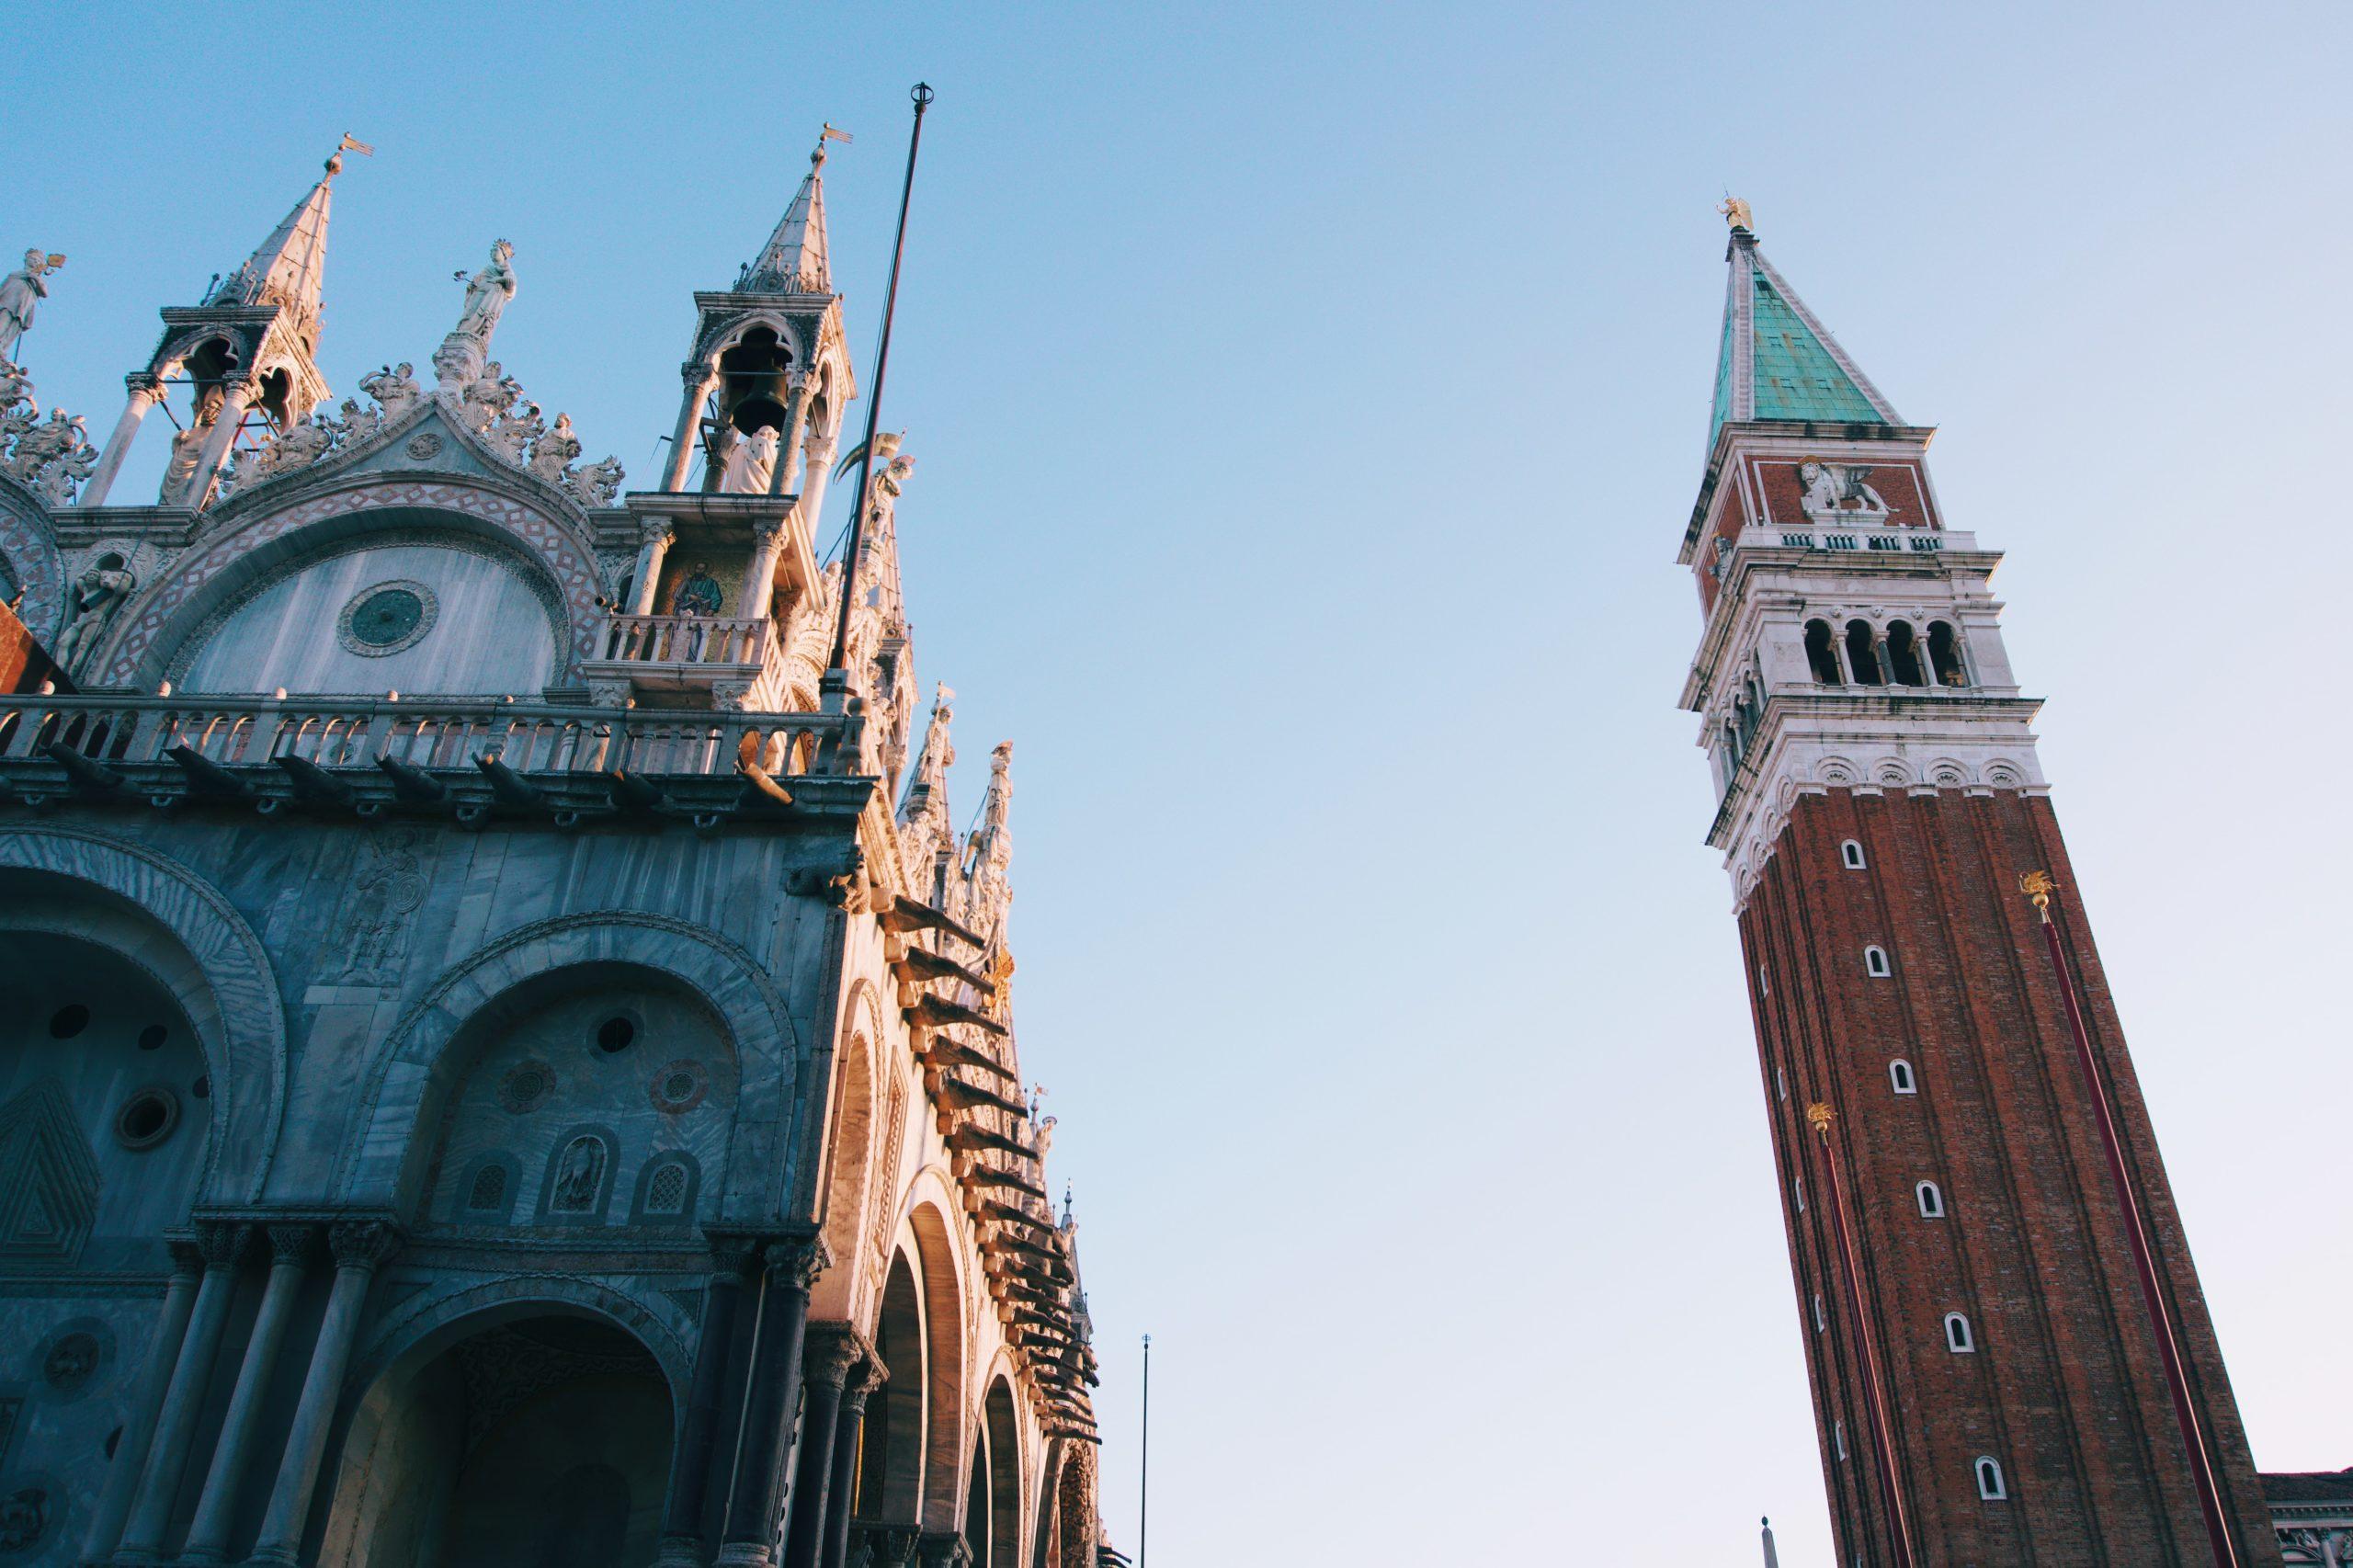 St. Mark's Square in Venice